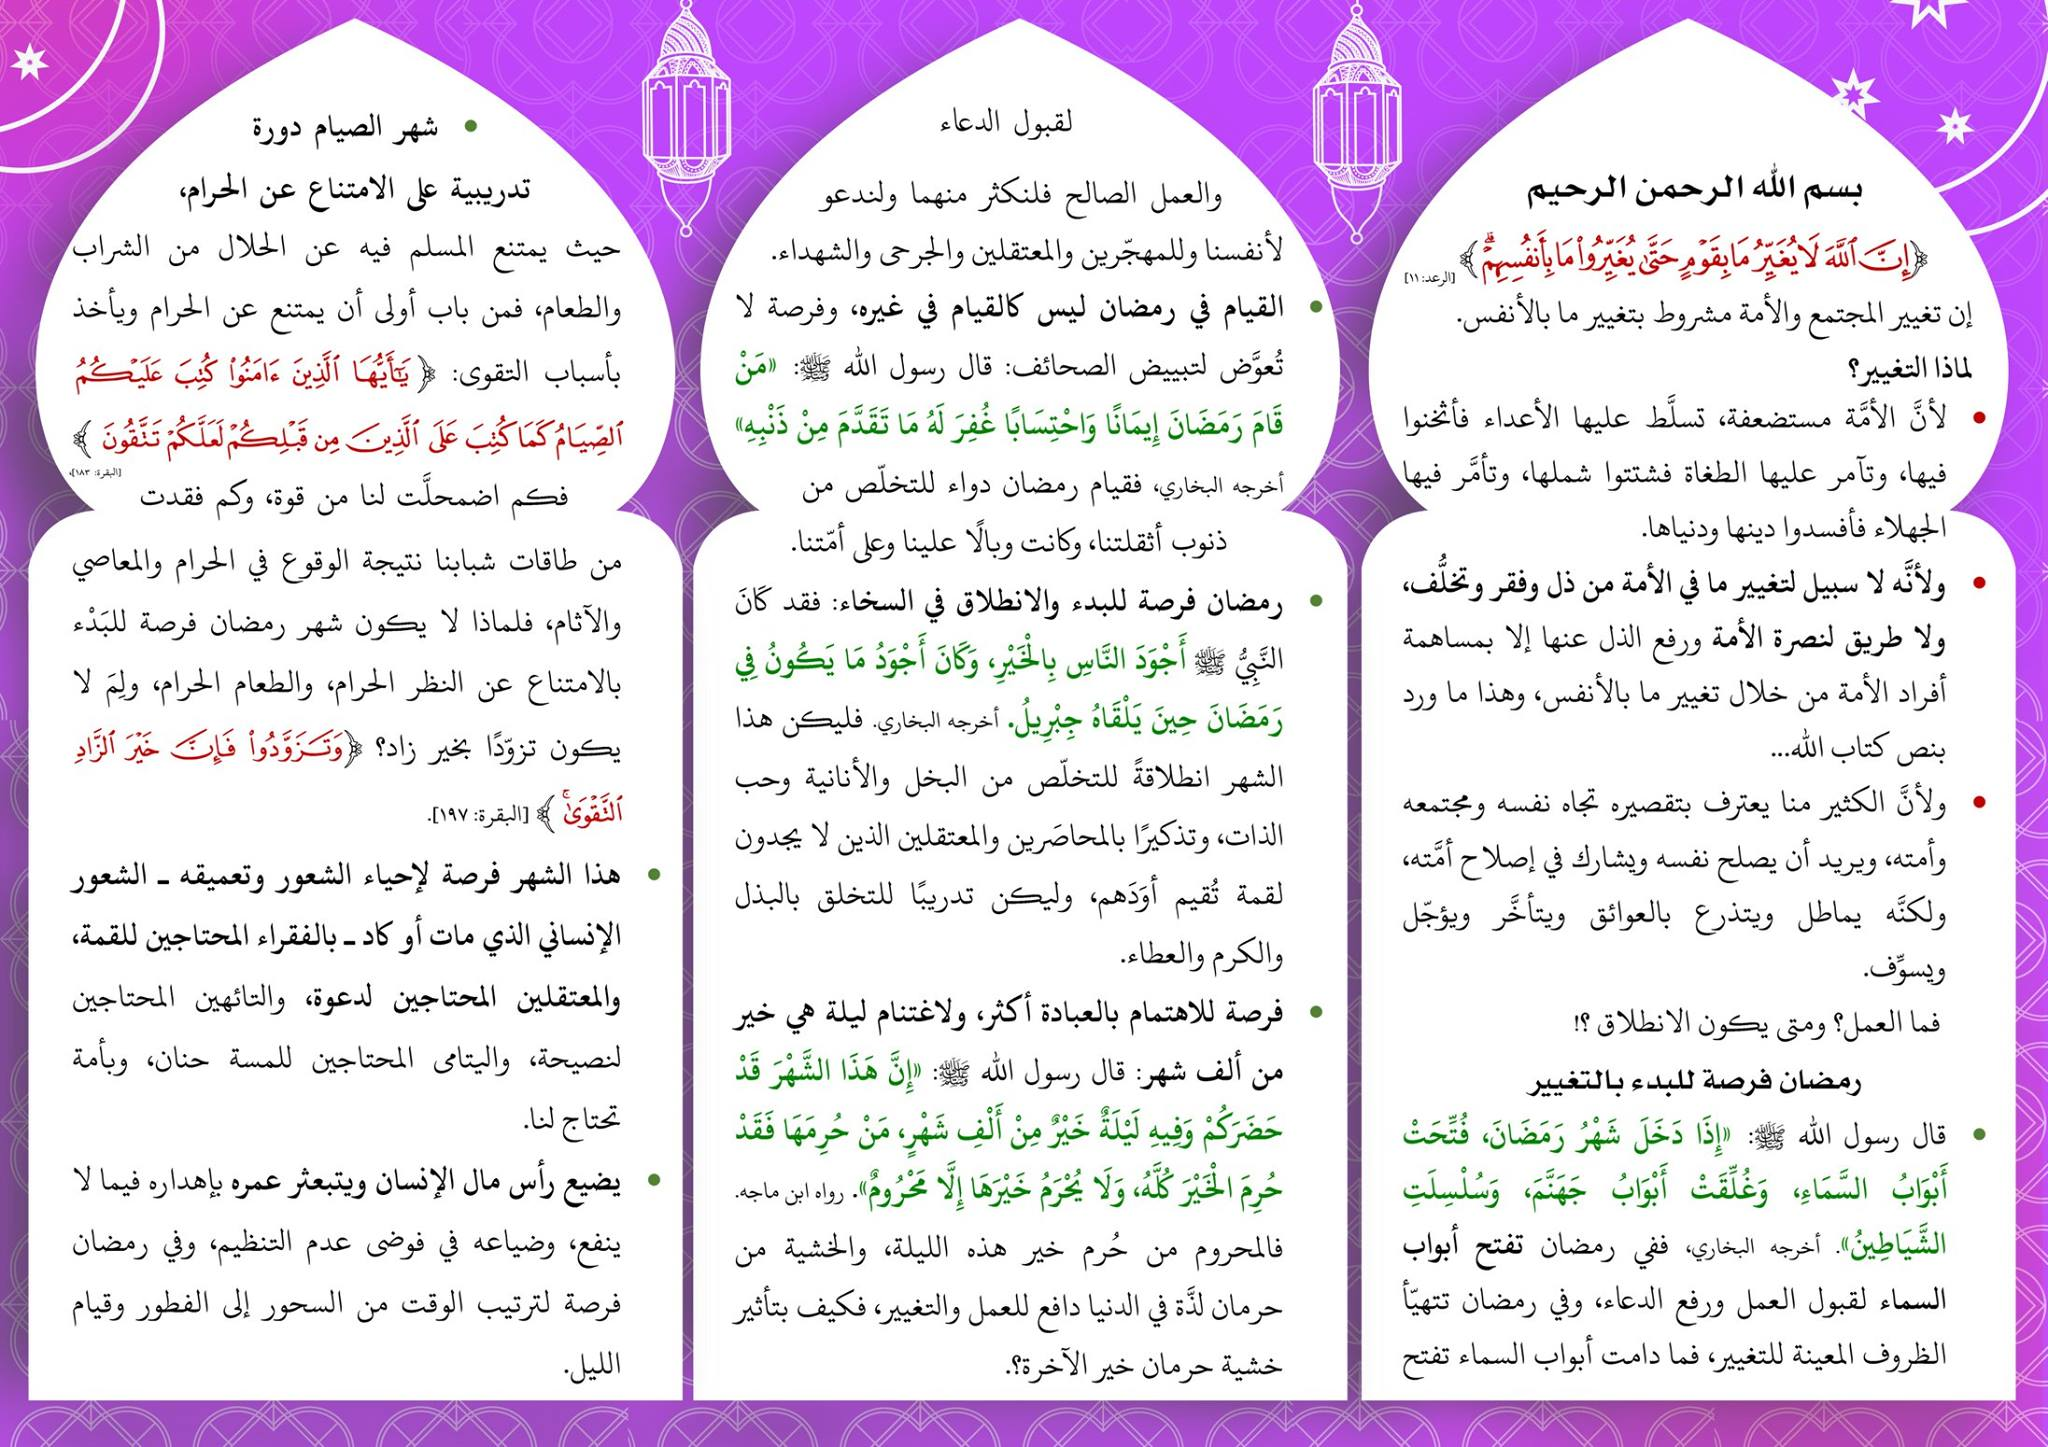 مطوية التغيير في رمضان